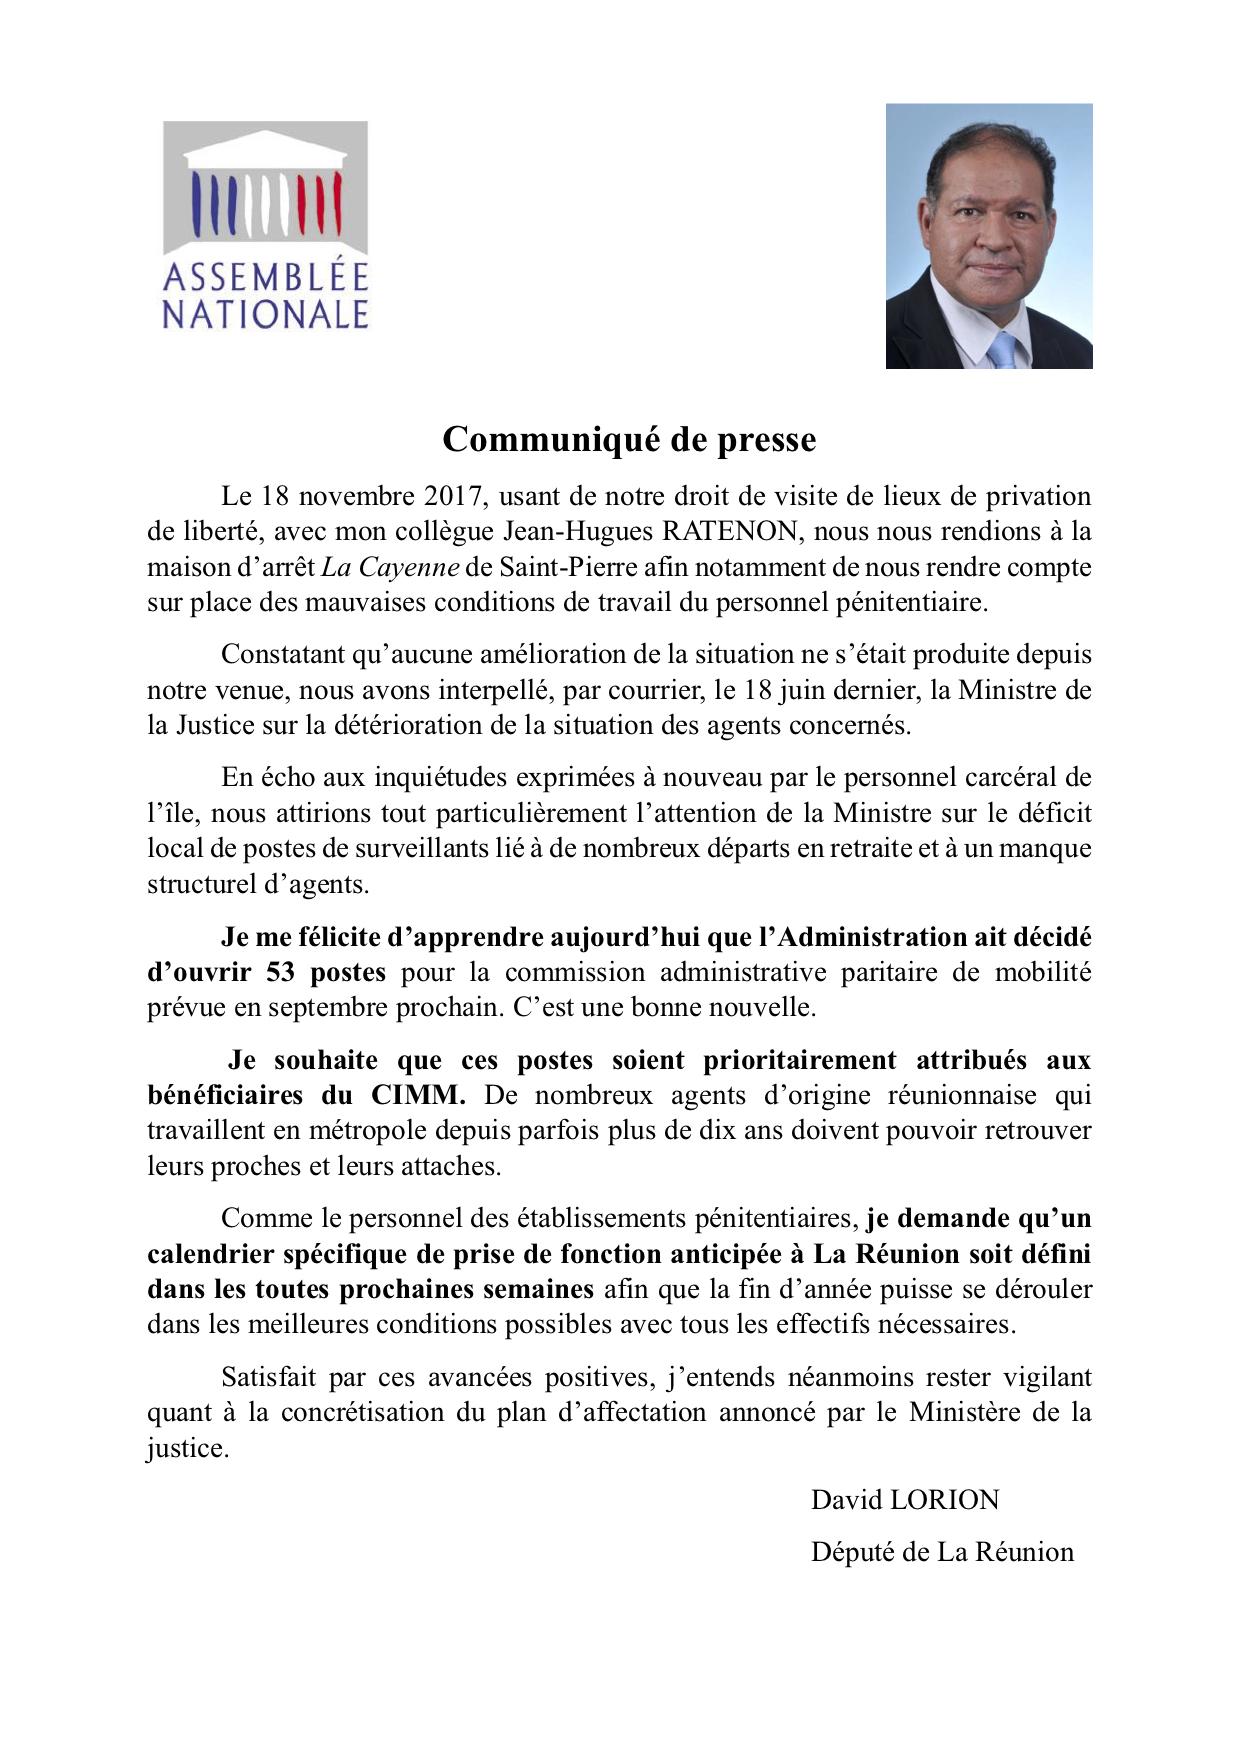 CP Création de postes surveillants pénitentiaires La Réunion - copie